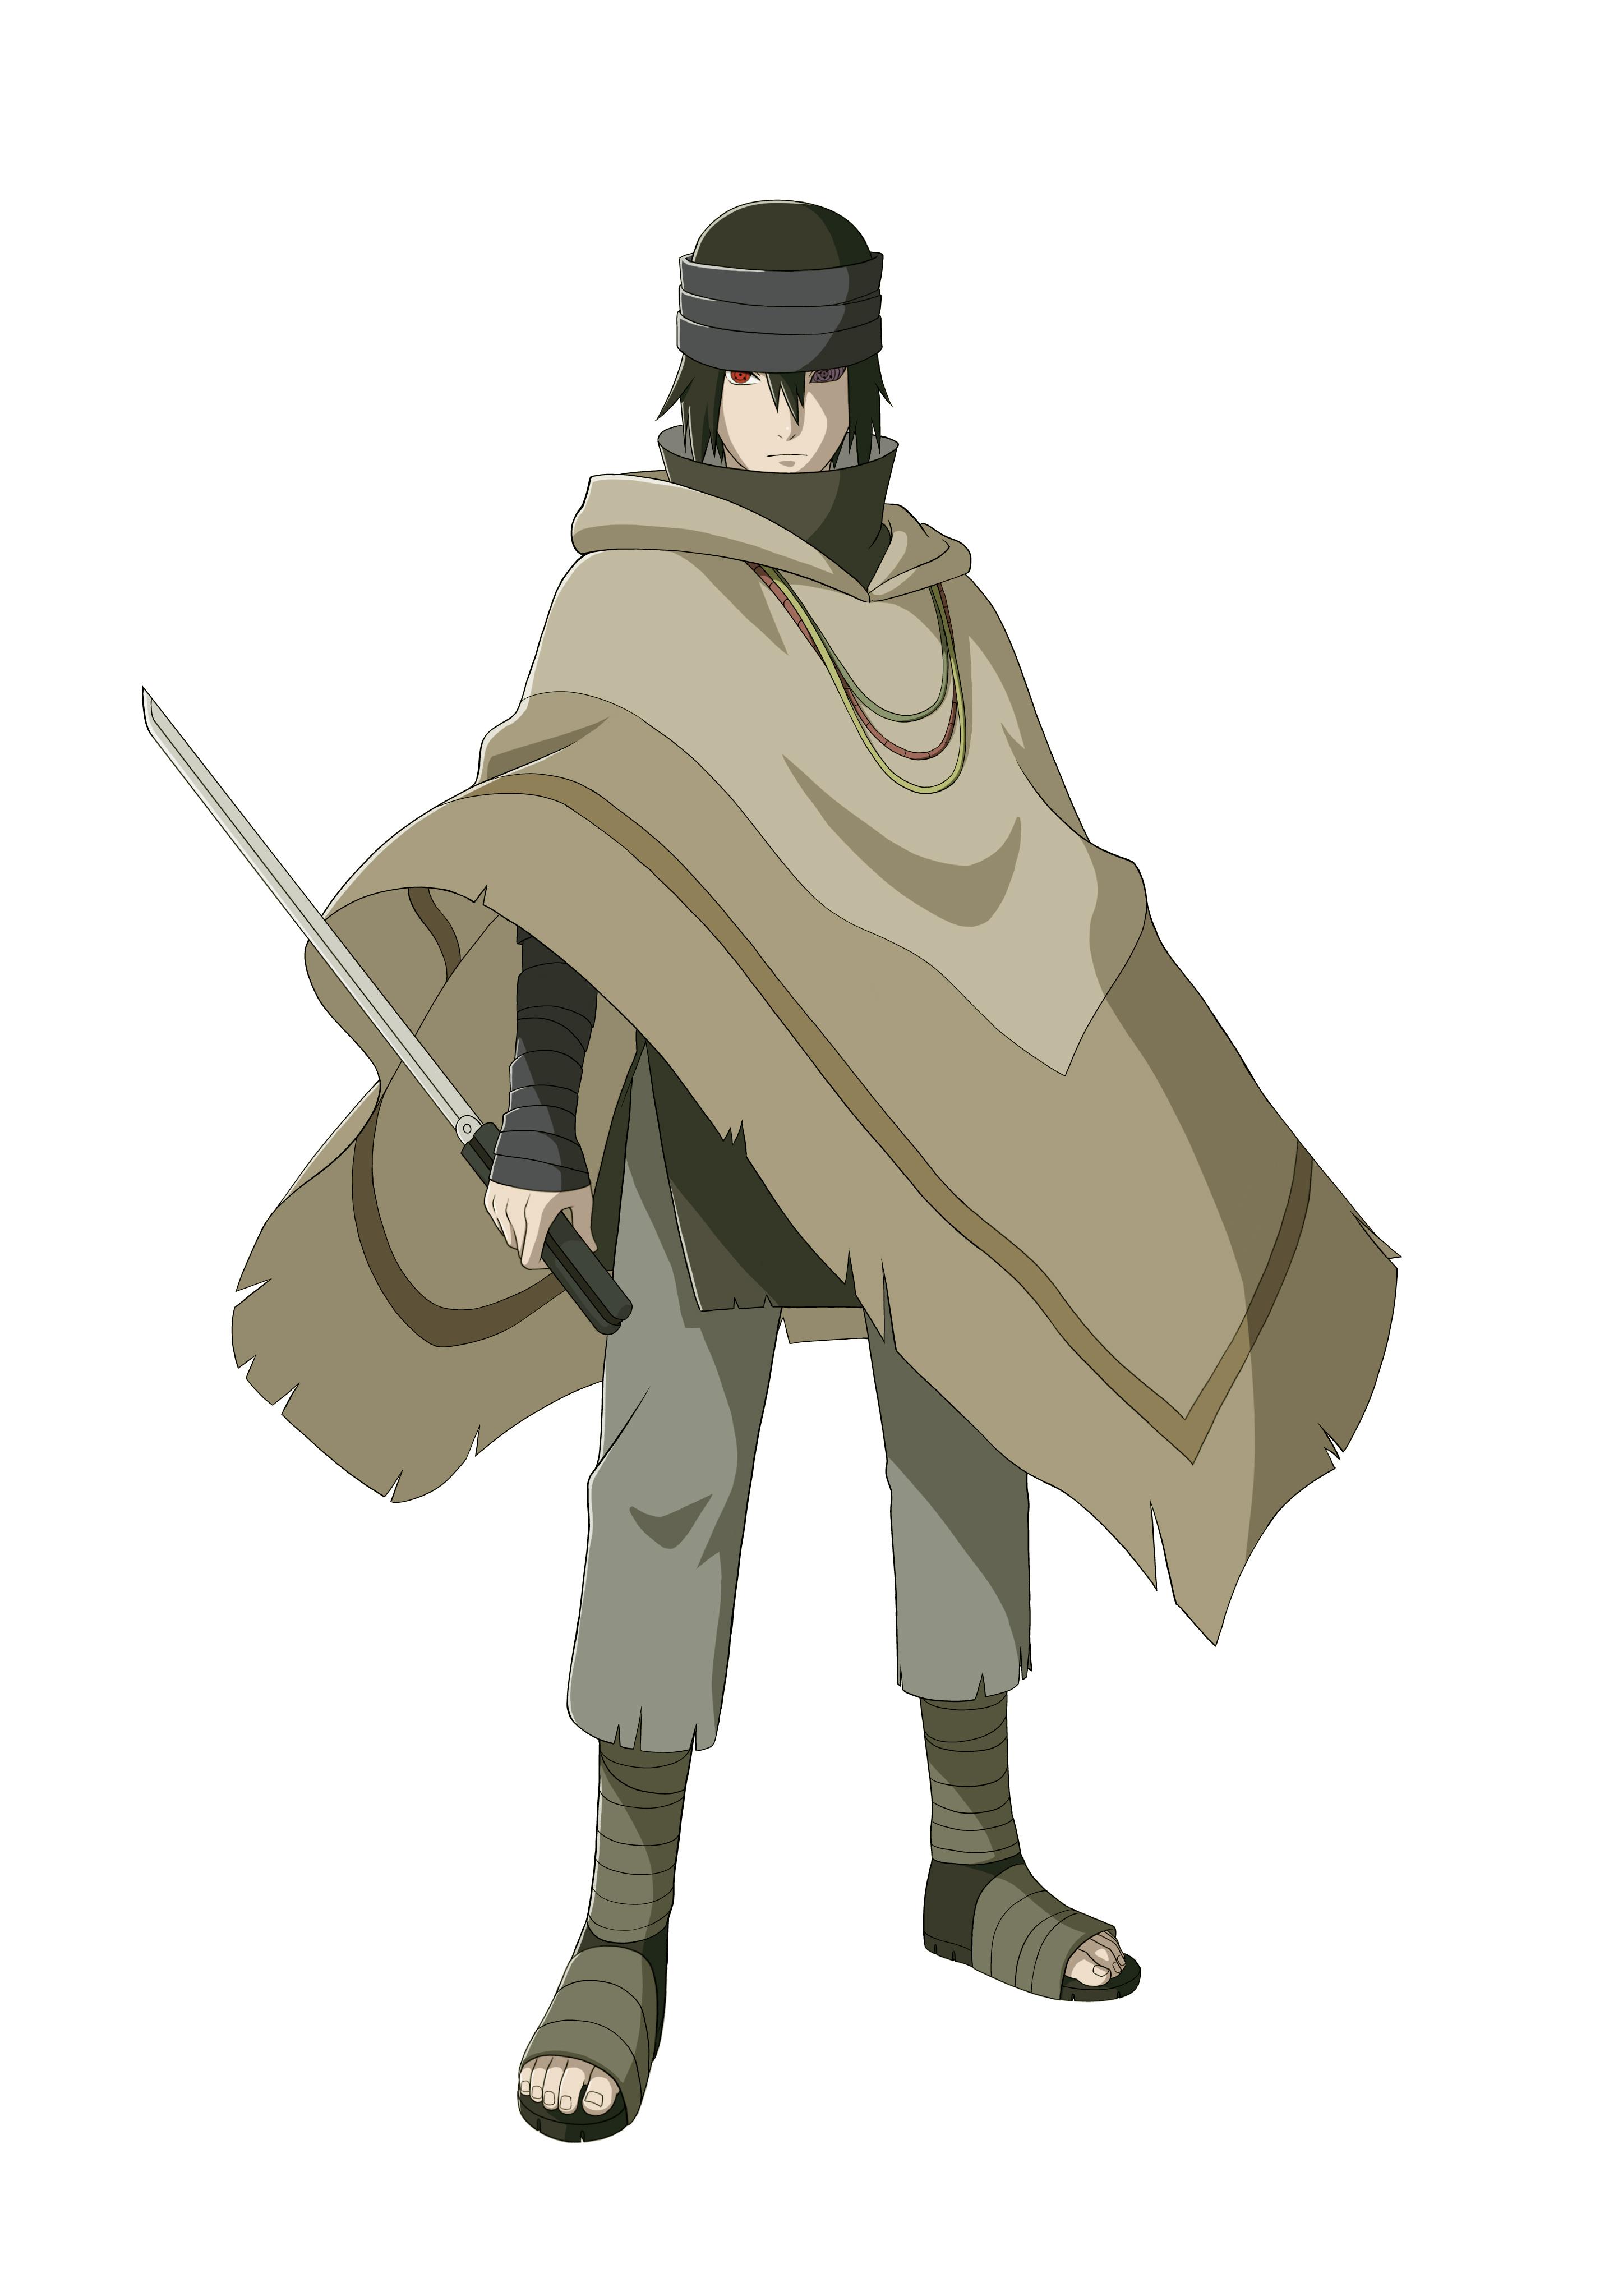 http://www.recantododragao.com.br/wp-content/uploads/2015/01/Naruto-Shippuden-Ultimate-Ninja-Storm-4_2015_01-19-15_006.jpg